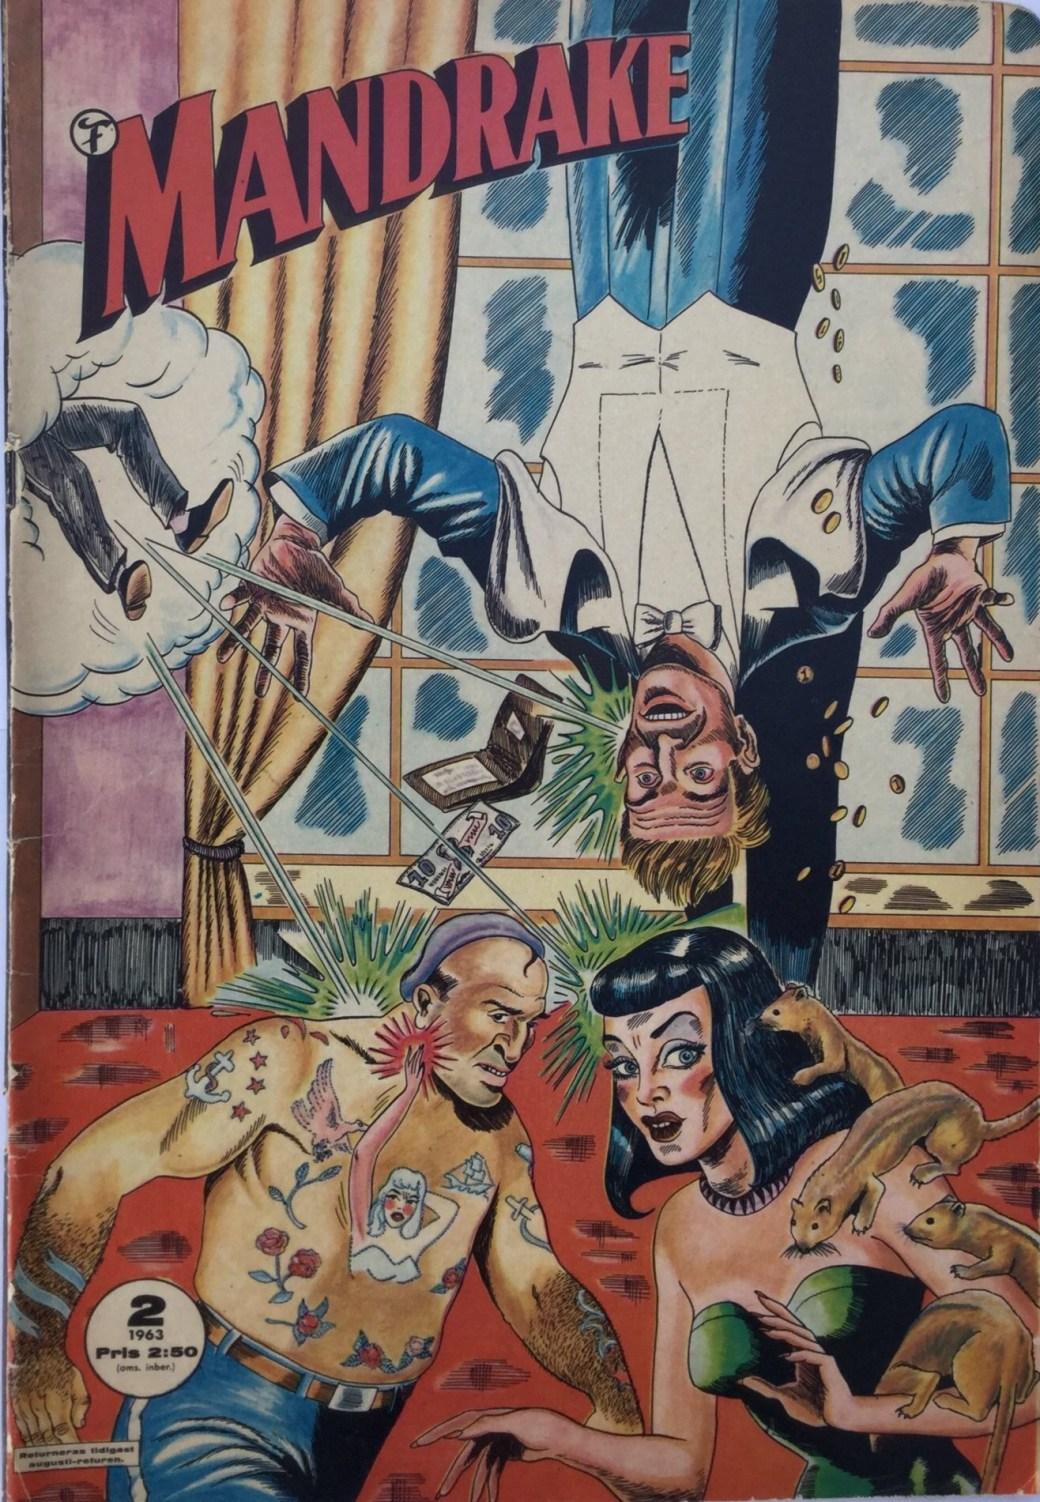 Mandrake nr 2, 1963